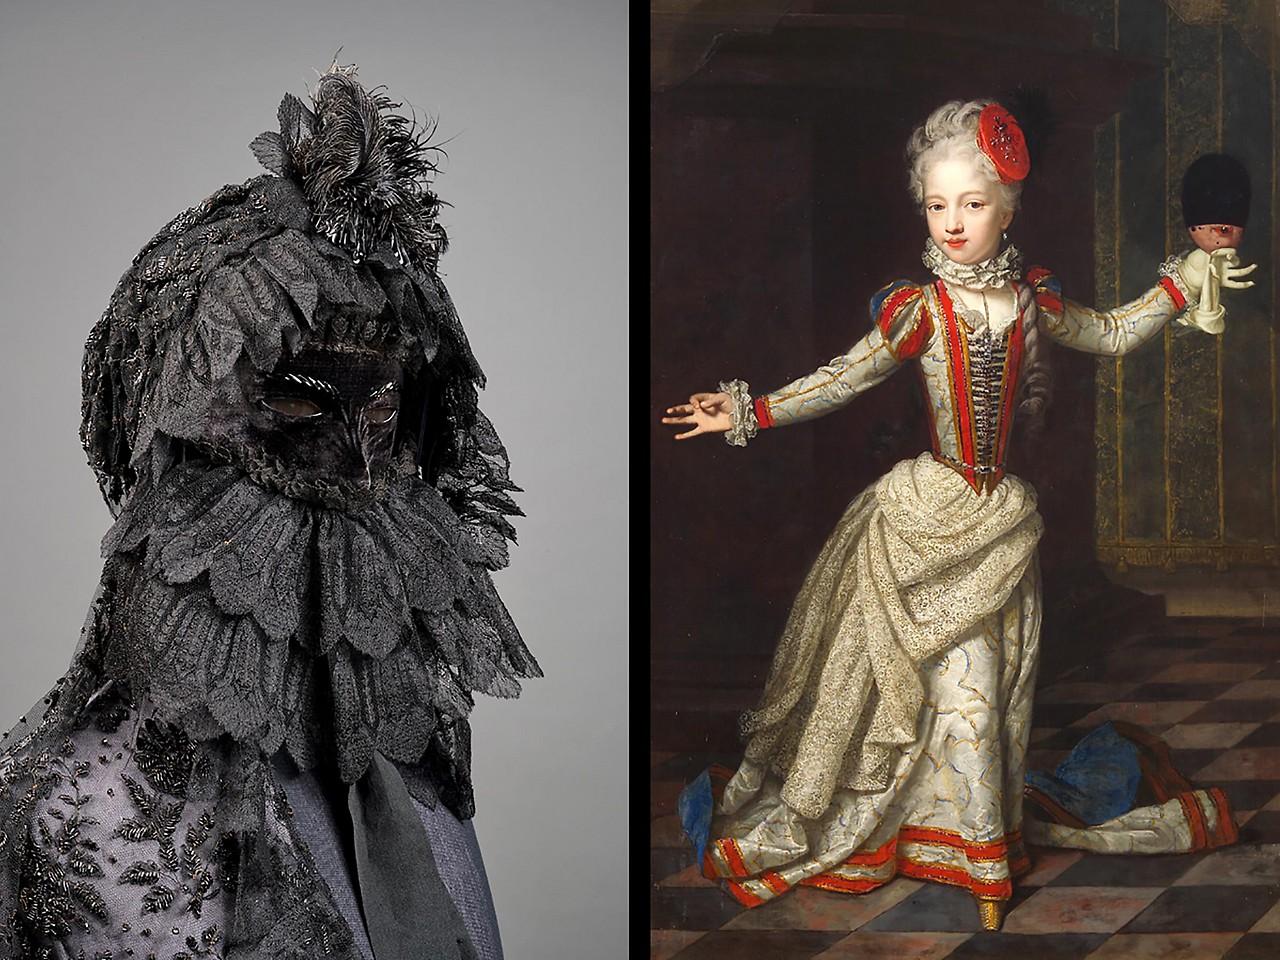 Erzherzogin Maria Amalie im Tanzkleid mit Karnevalsmaske; Trauermaske und Trauerschleier der Kaiserin Elisabeth